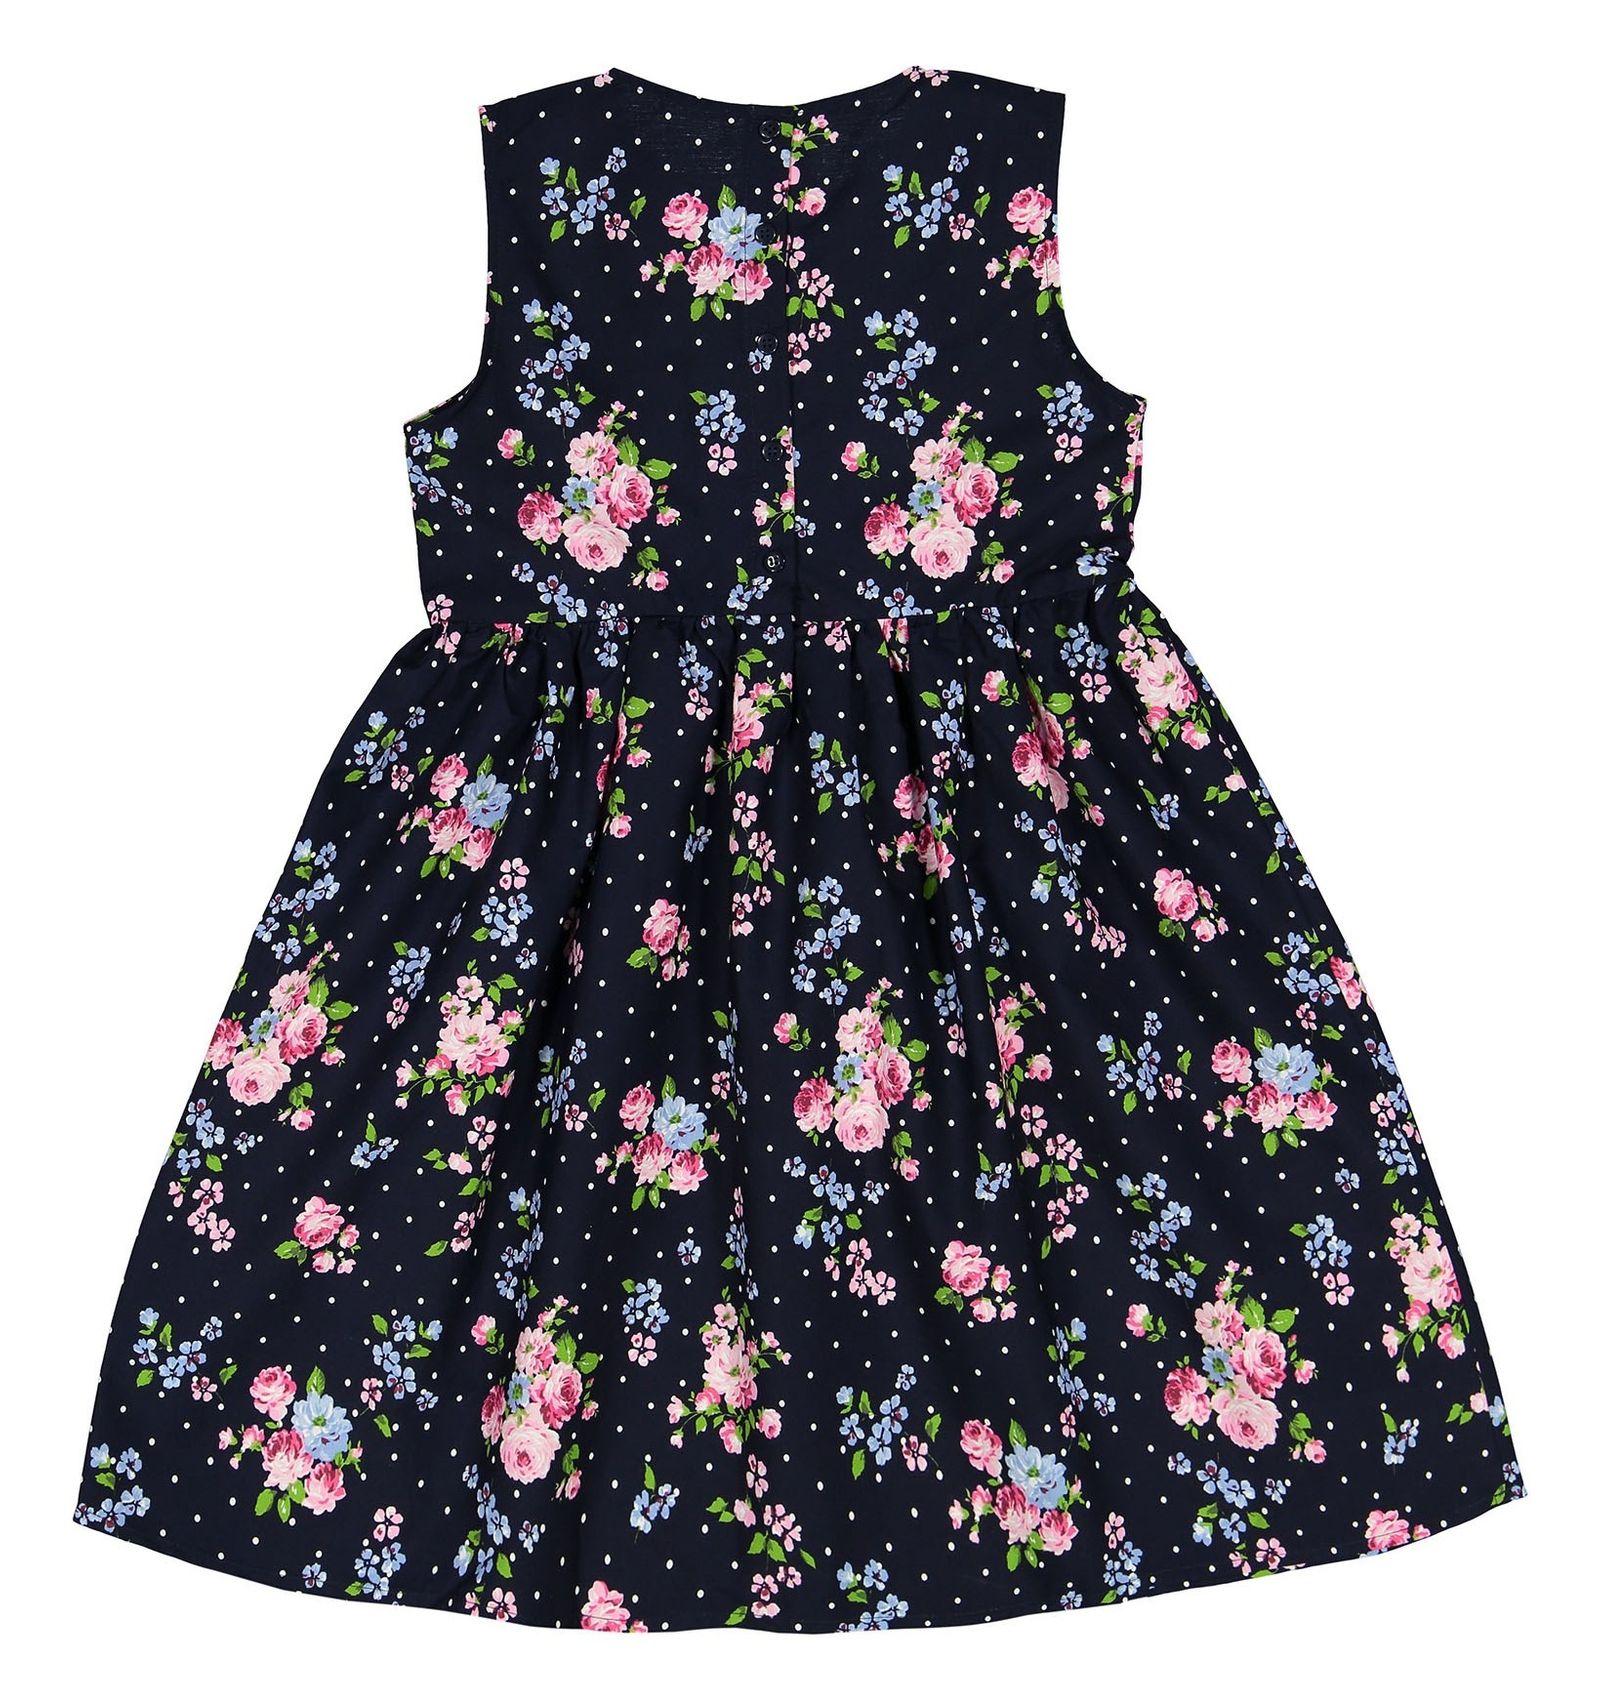 پیراهن نخی میدی دخترانه - ال سی وایکیکی - سرمه اي گلدار - 2